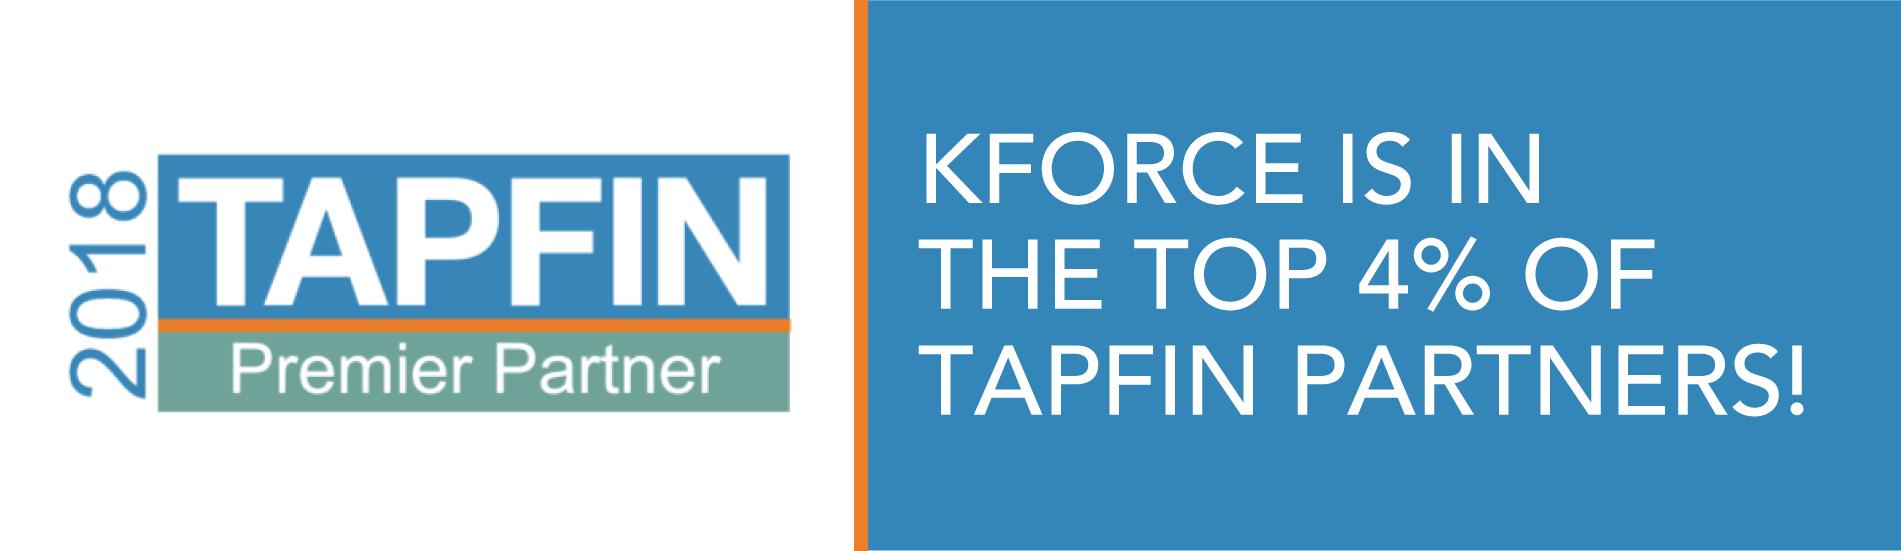 2018 TAPFIN Premier Partner